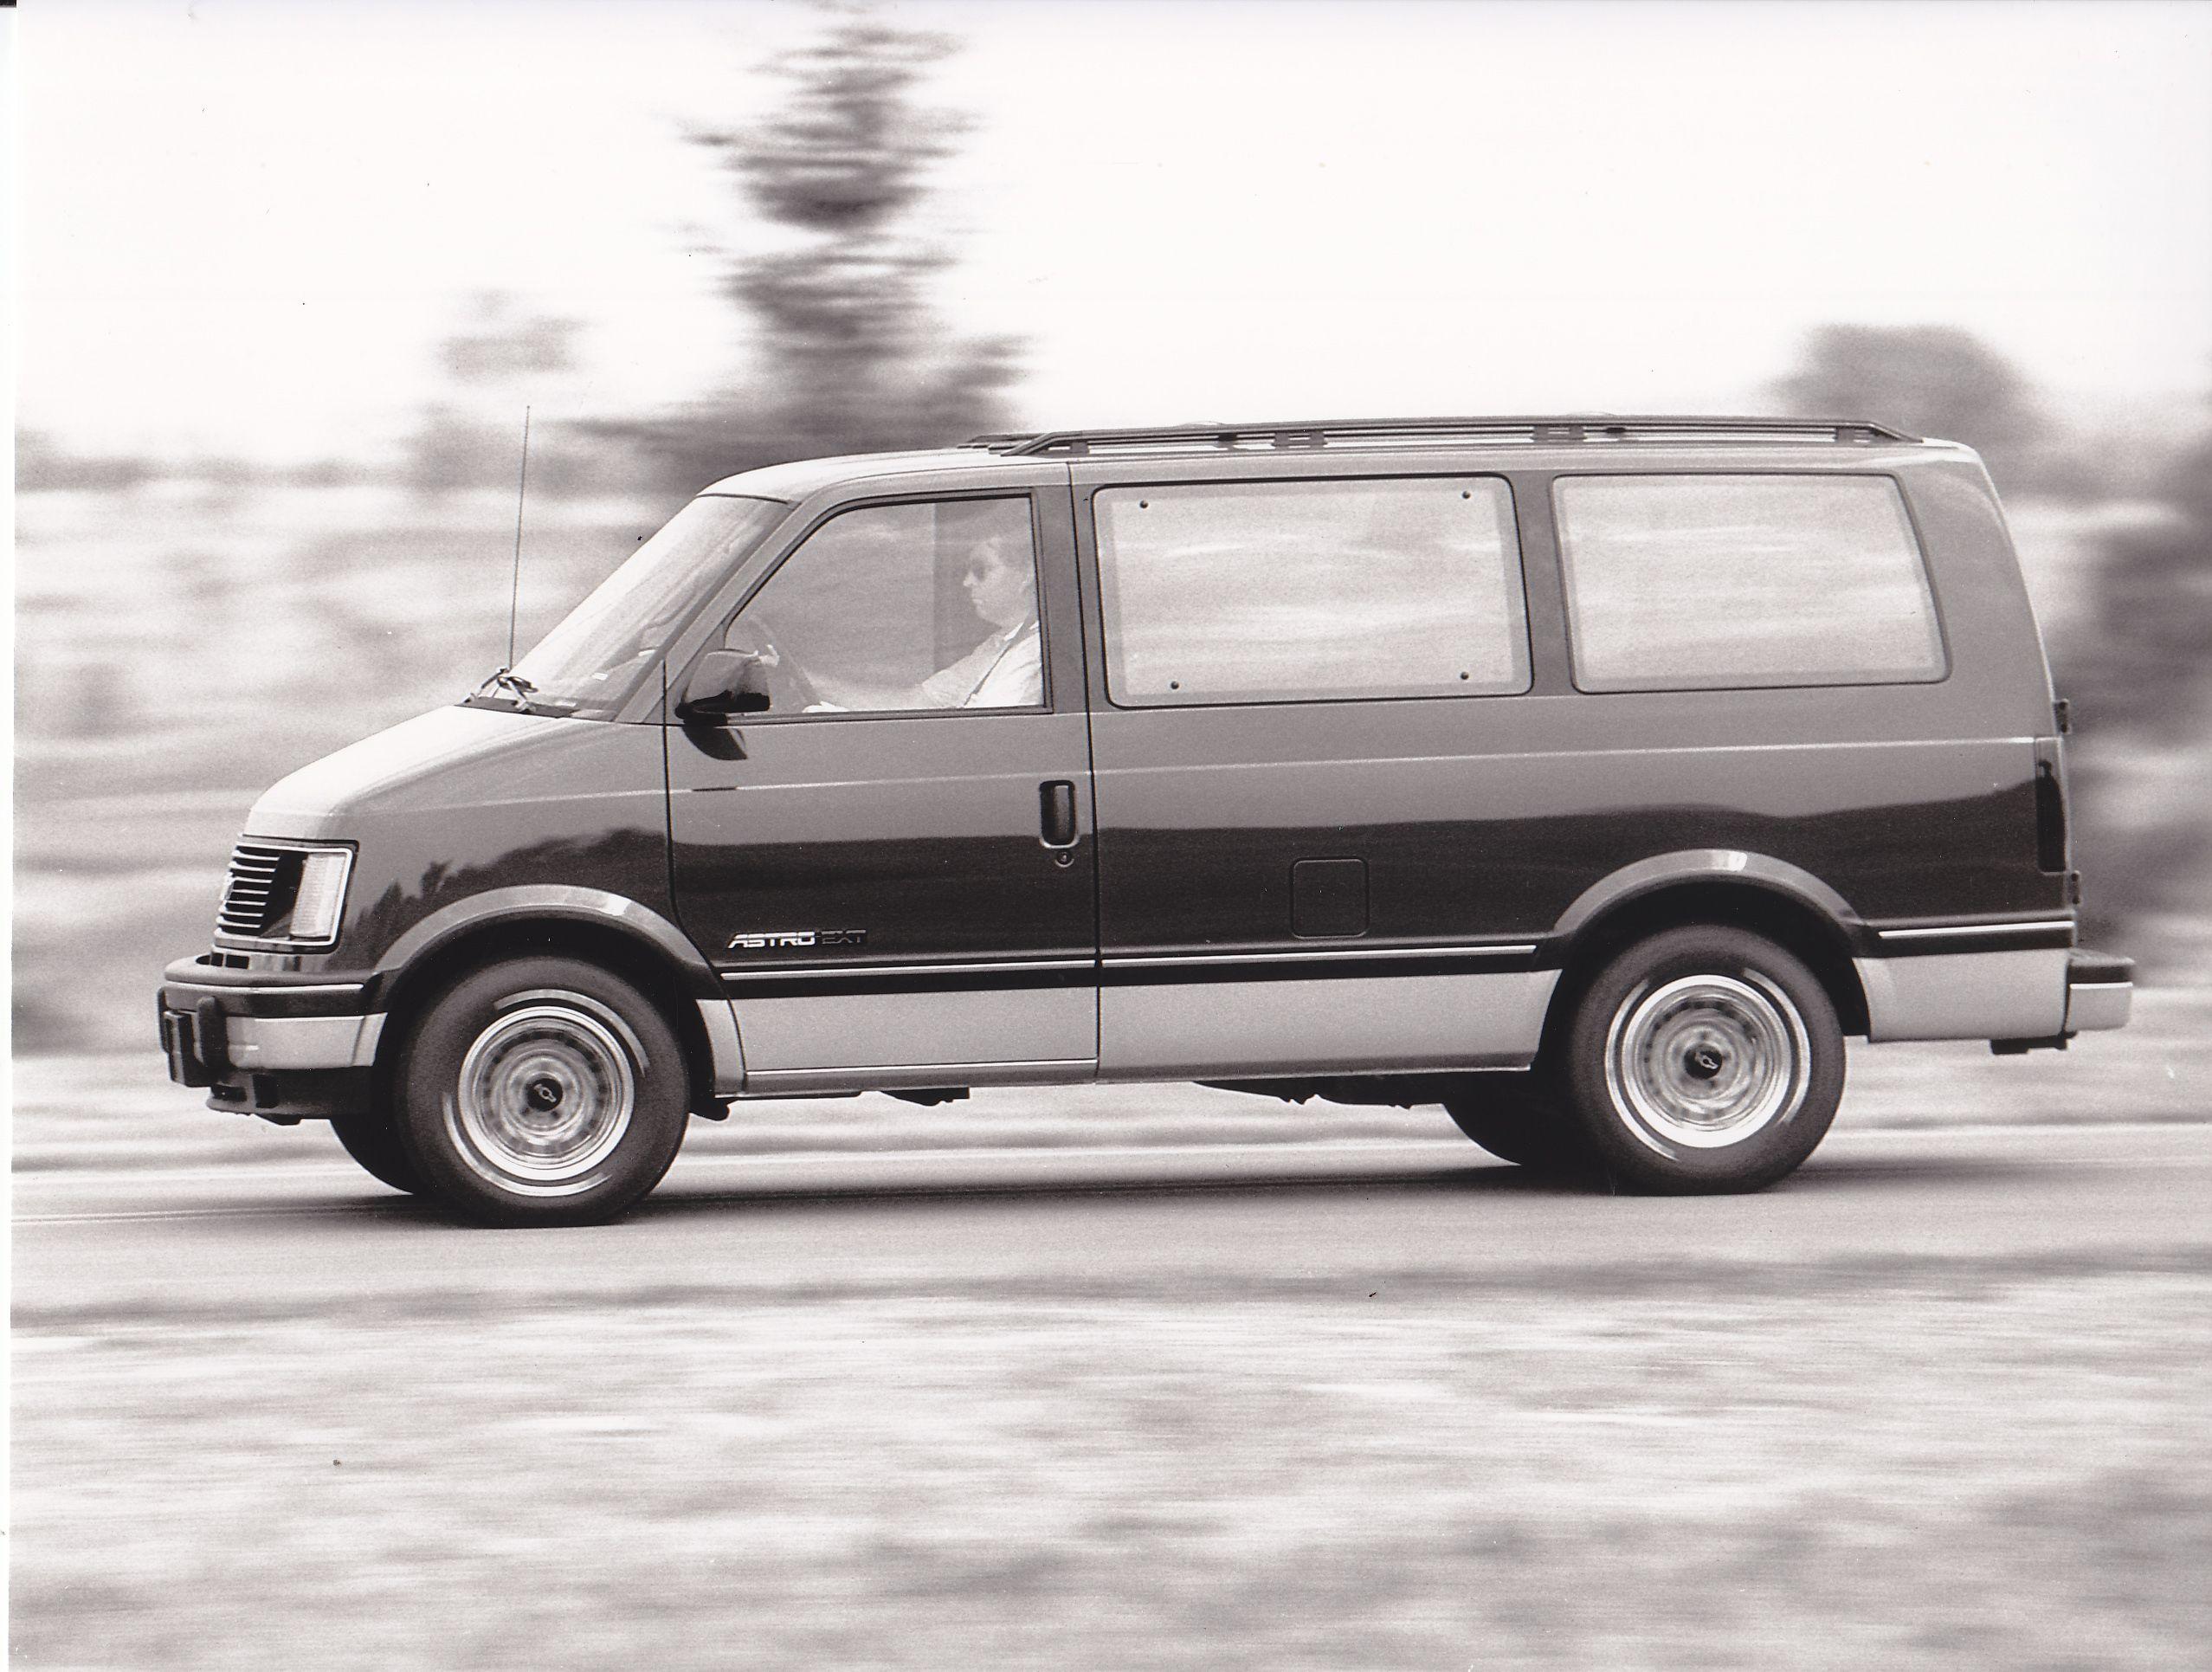 hight resolution of chevrolet astro van iaa 1991